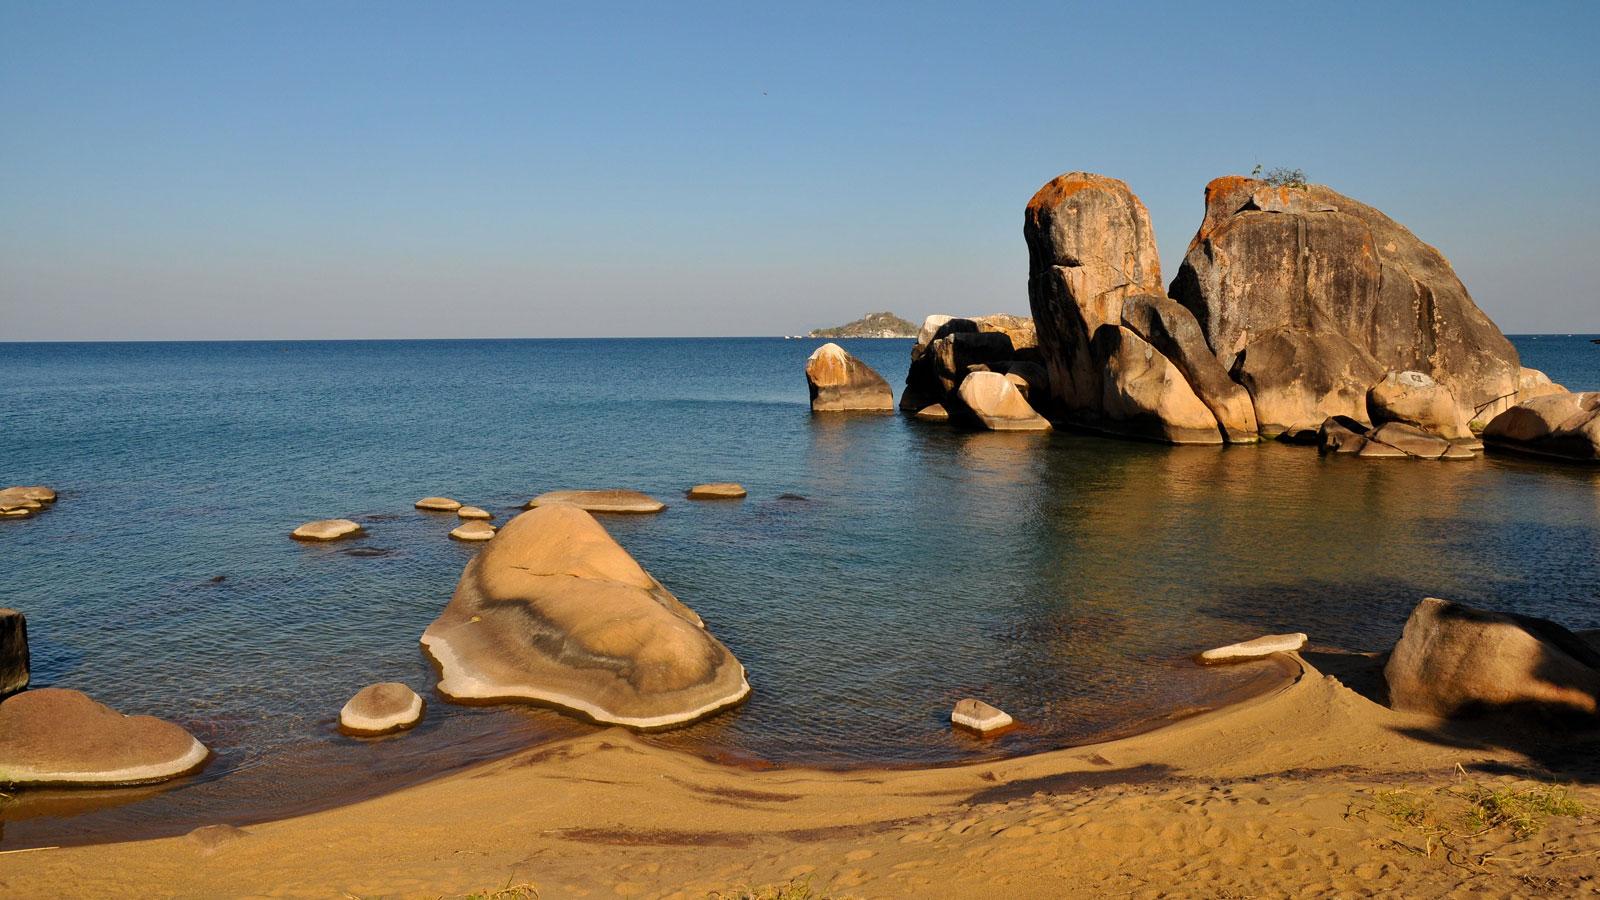 Strand am Malawi See Safari, Erlebnisreise, Abenteuerreise traveljunkies